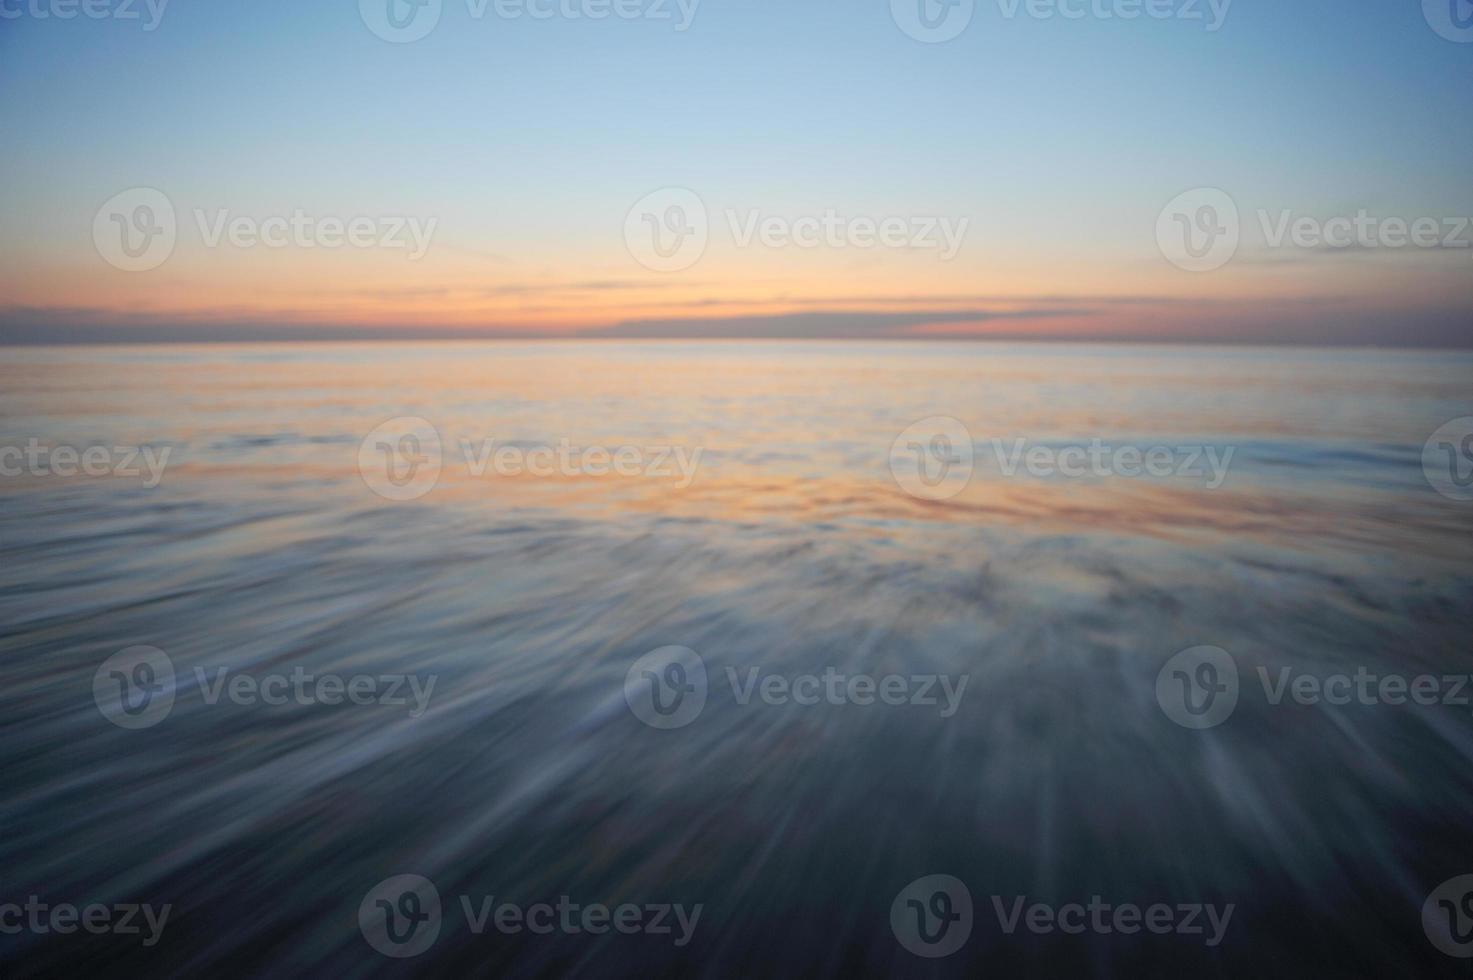 vlotte sfeer op zee foto